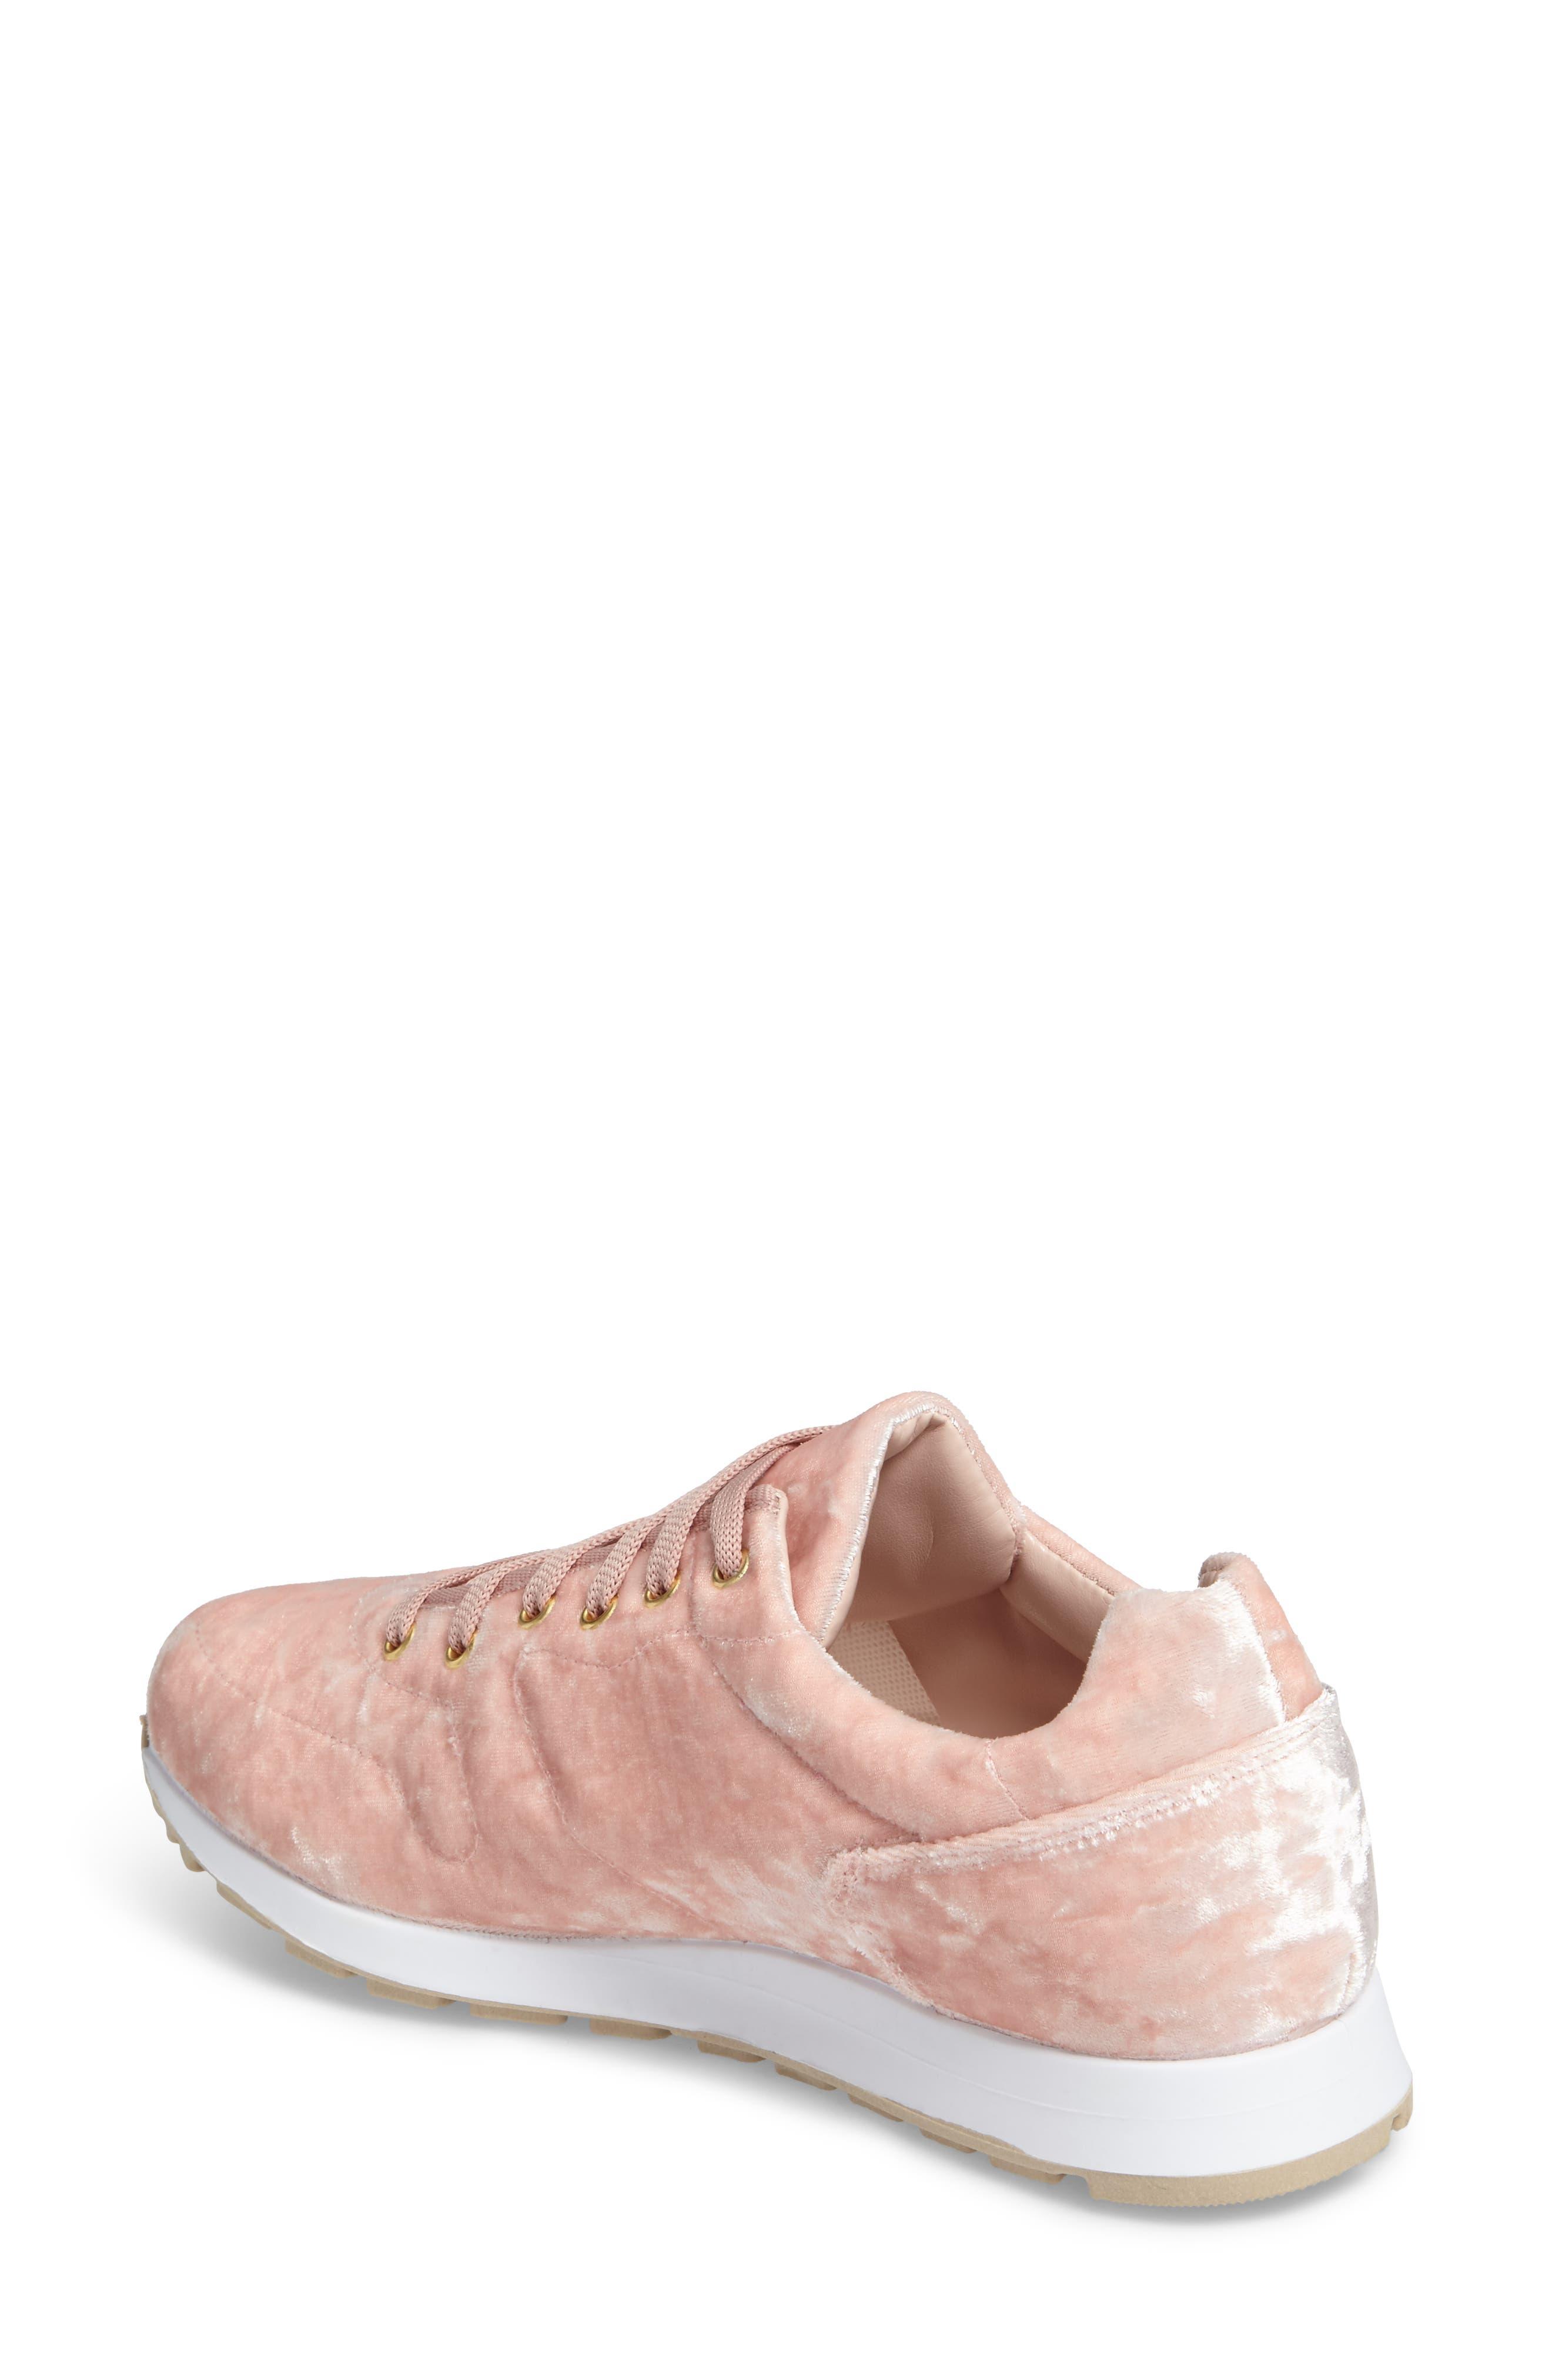 Croatia Velvet Sneaker,                             Alternate thumbnail 2, color,                             650